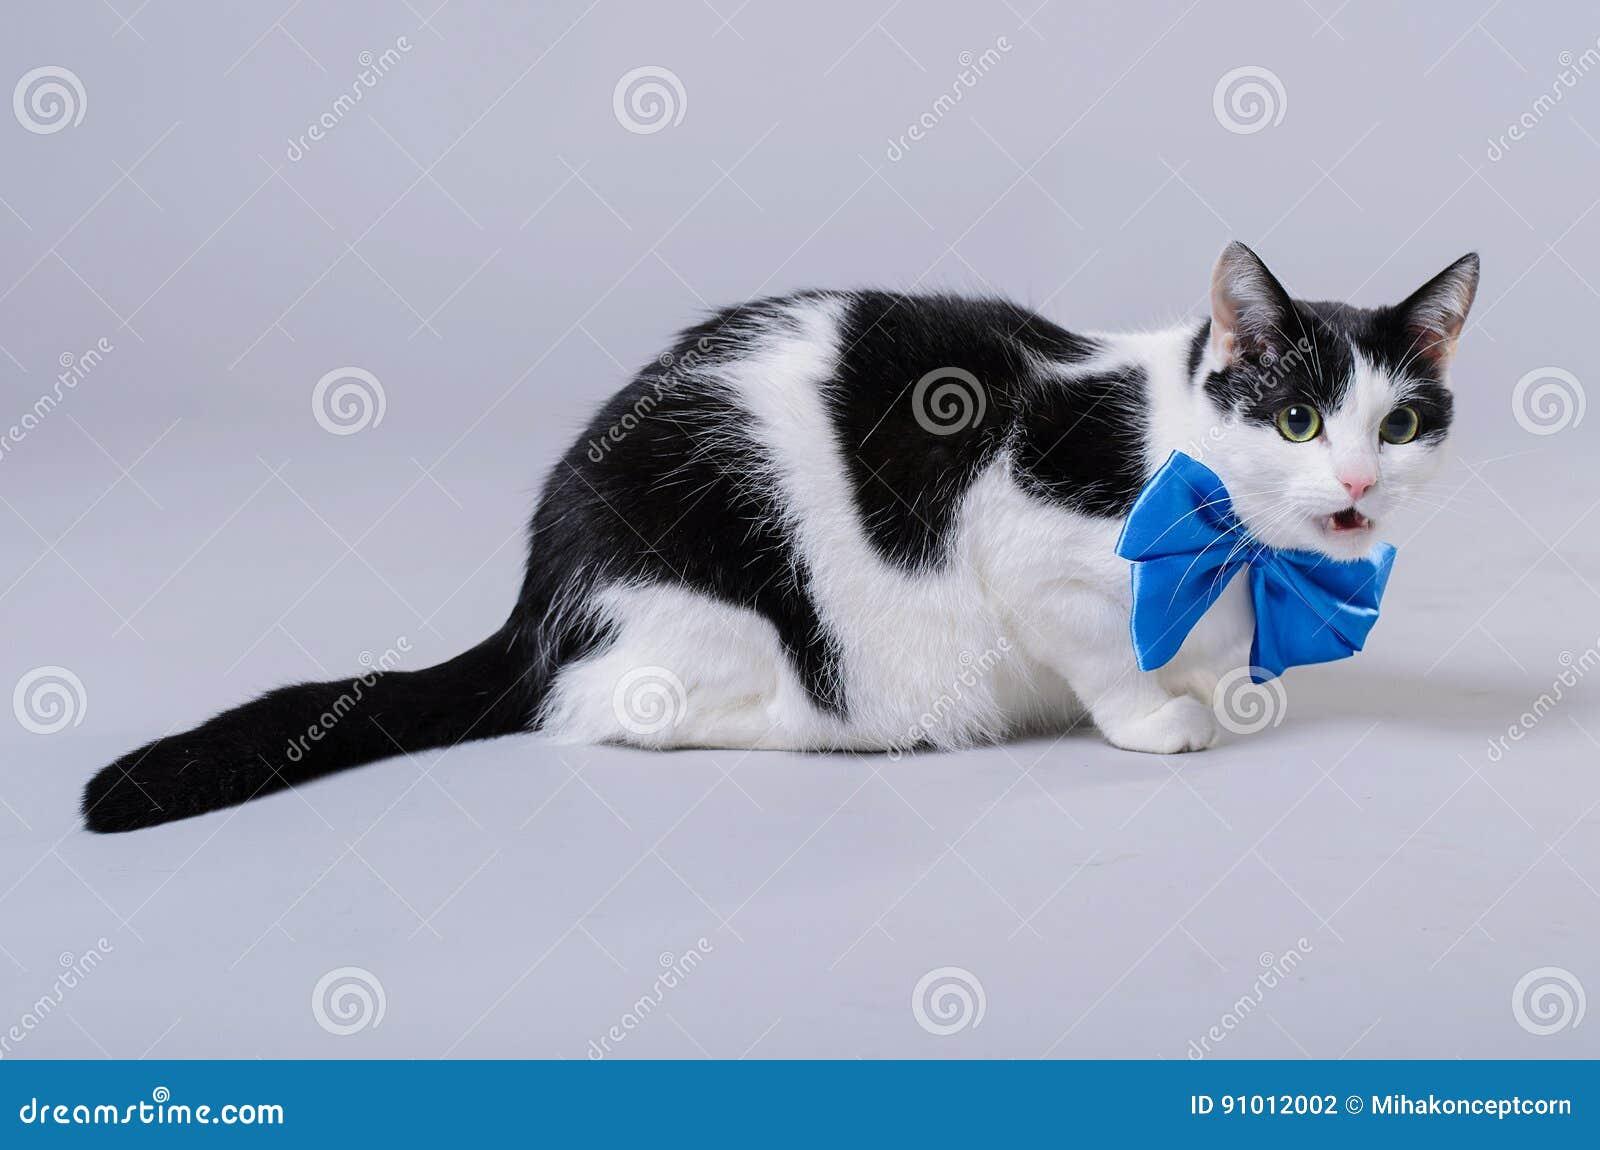 Un chat noir et blanc porte un noeud papillon bleu photo - Noeud papillon chat ...